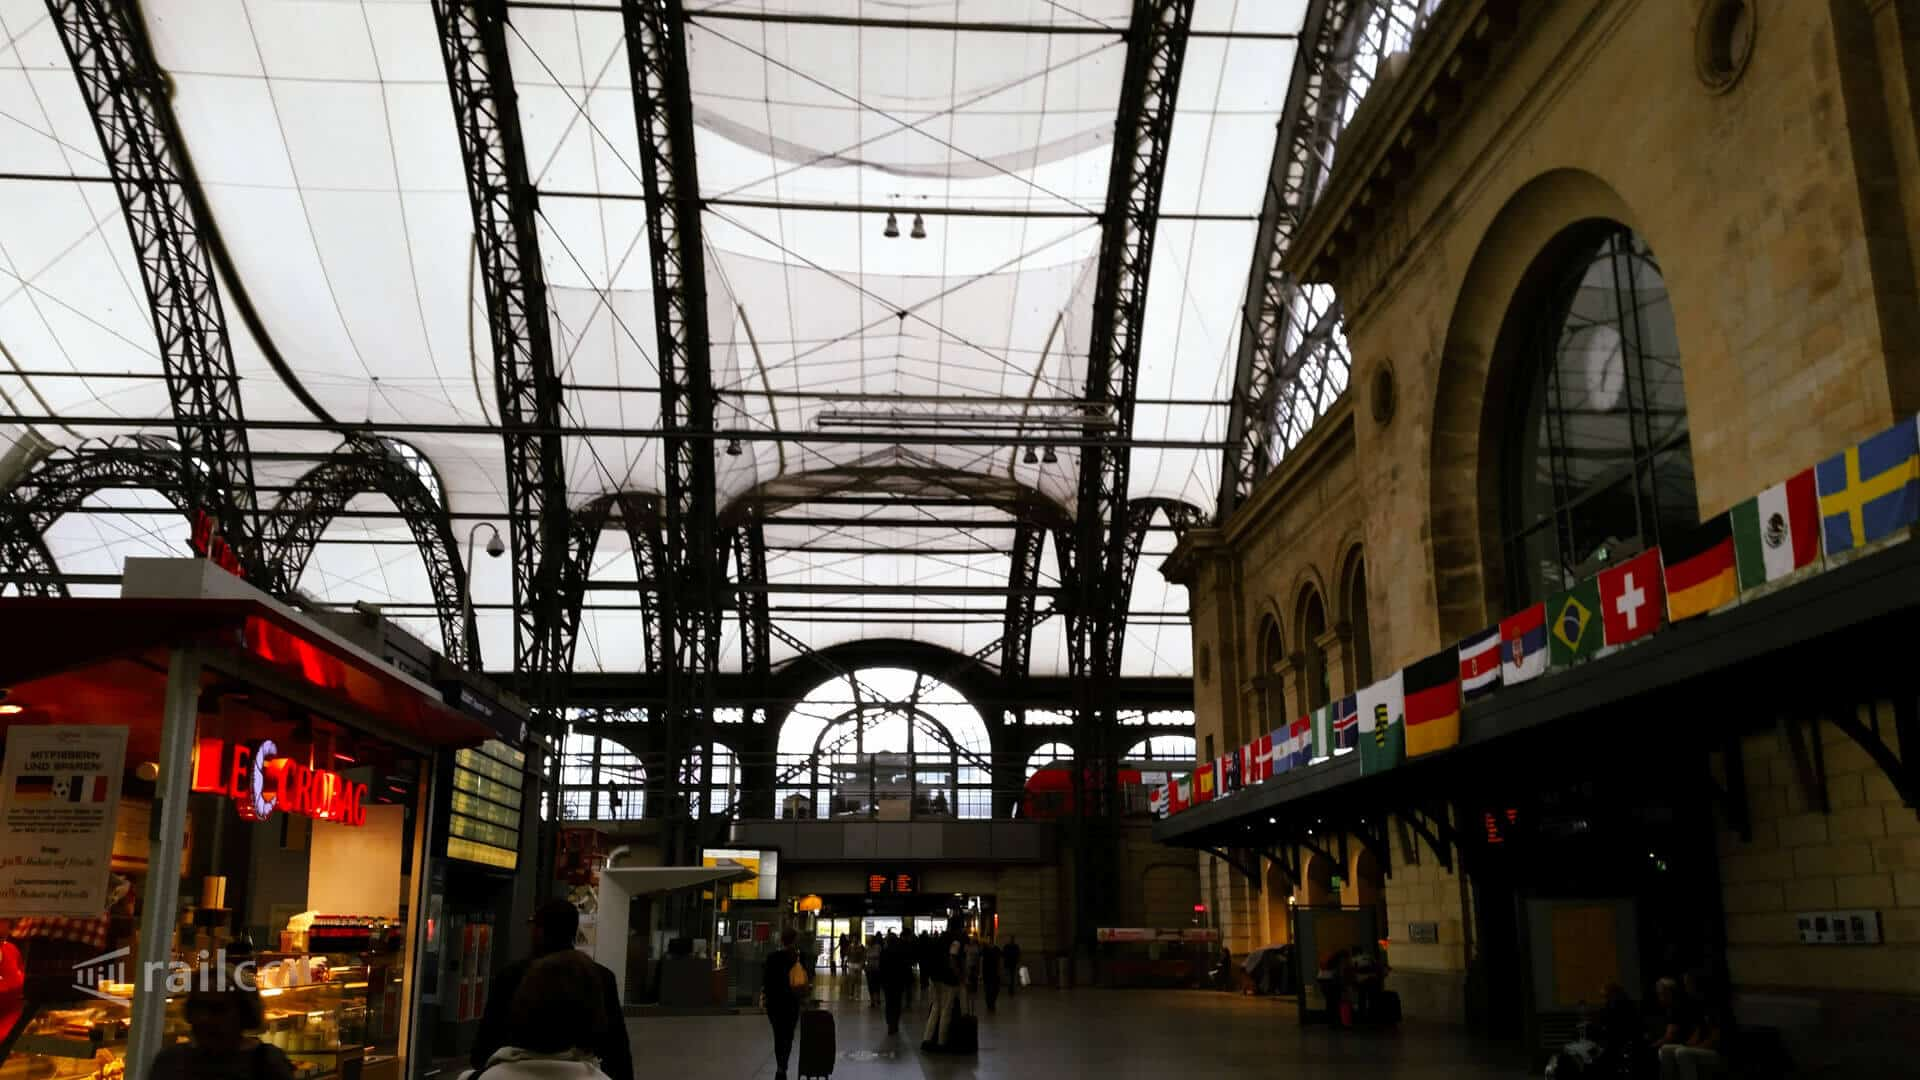 Wieder daheim: Mein Heimatbahnhof Dresden